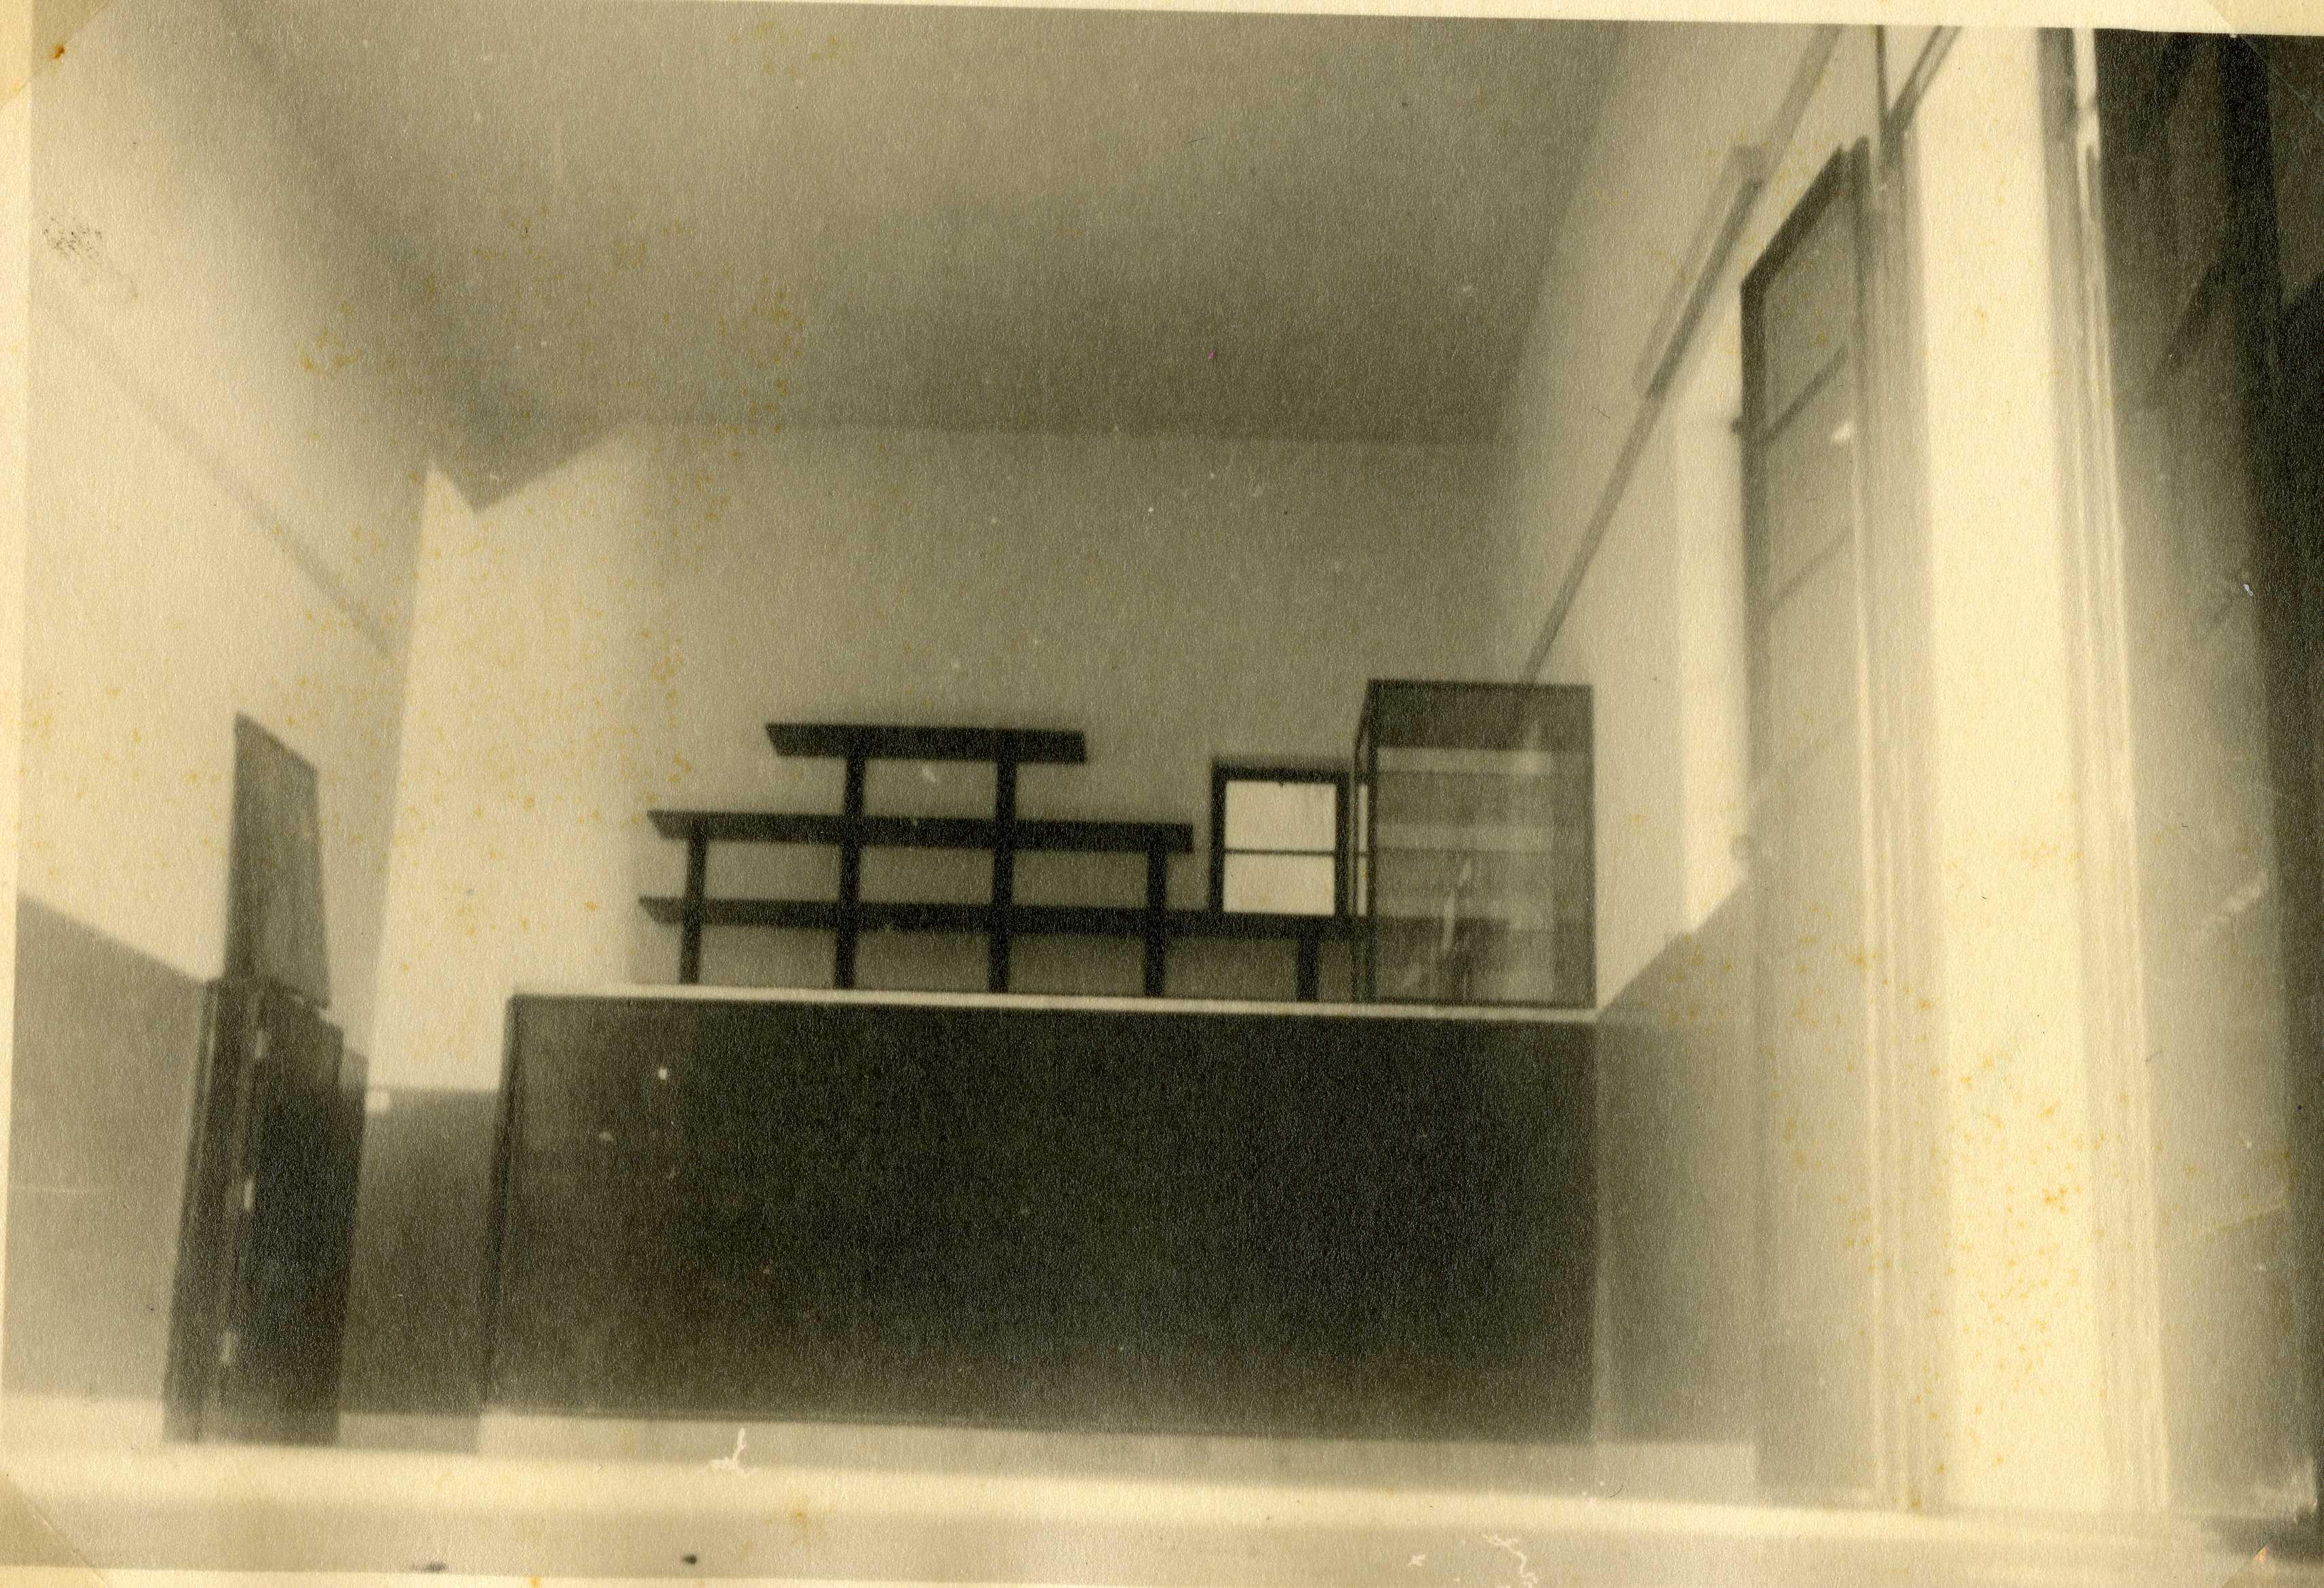 דוגמה למבנה חדר פנימי במשטרת חברון - מקור: ארכיון המדינה